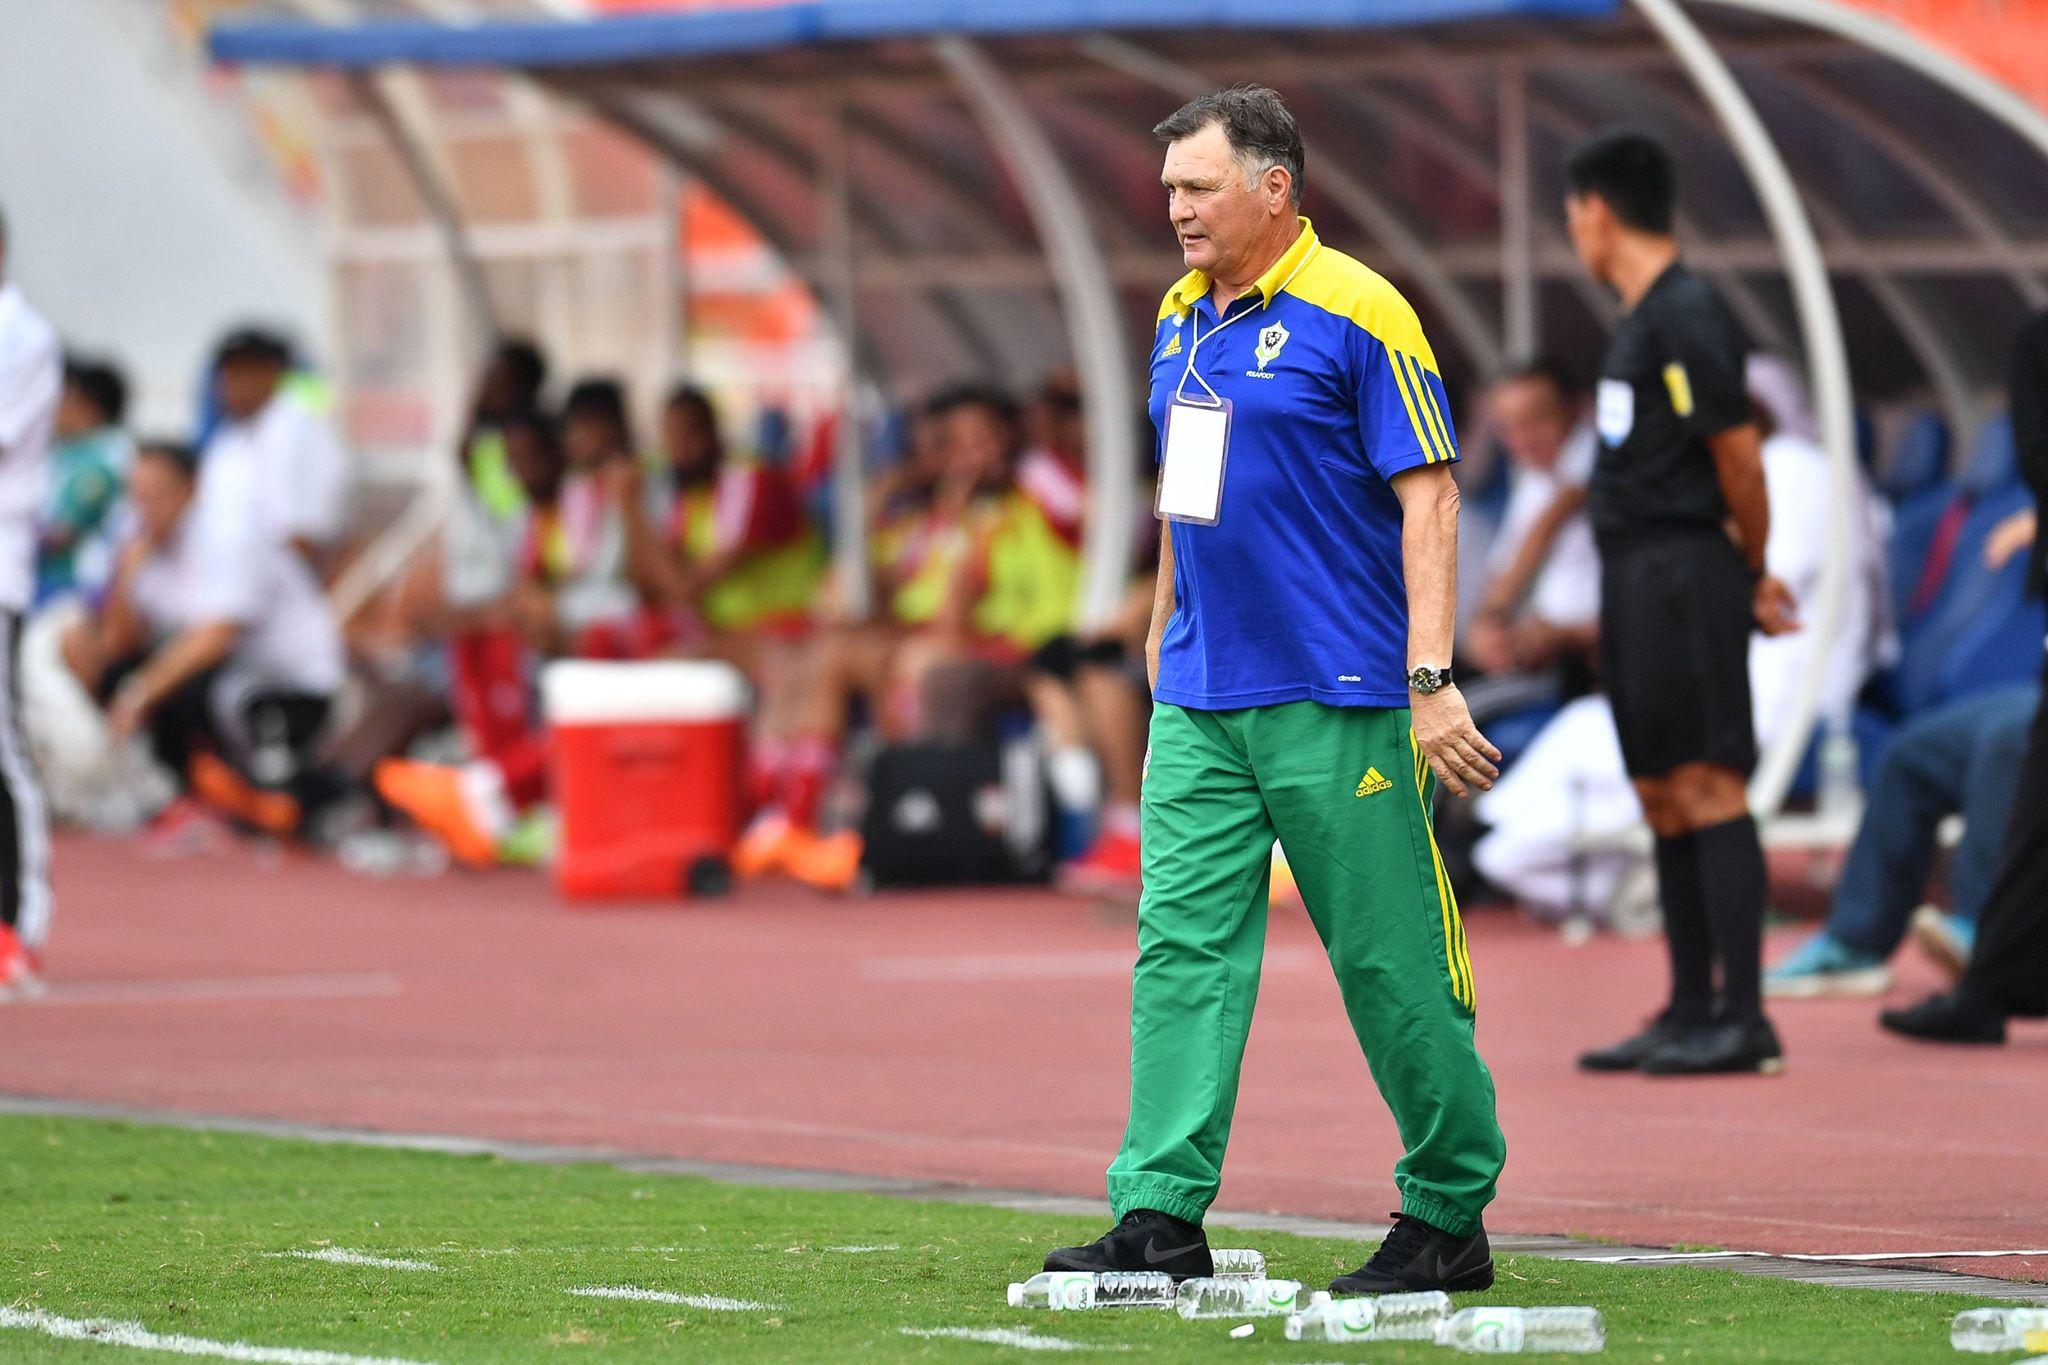 ผลการค้นหารูปภาพสำหรับ กุนซือกาบองเทียบความต่างเจอไทยกับยูเออี